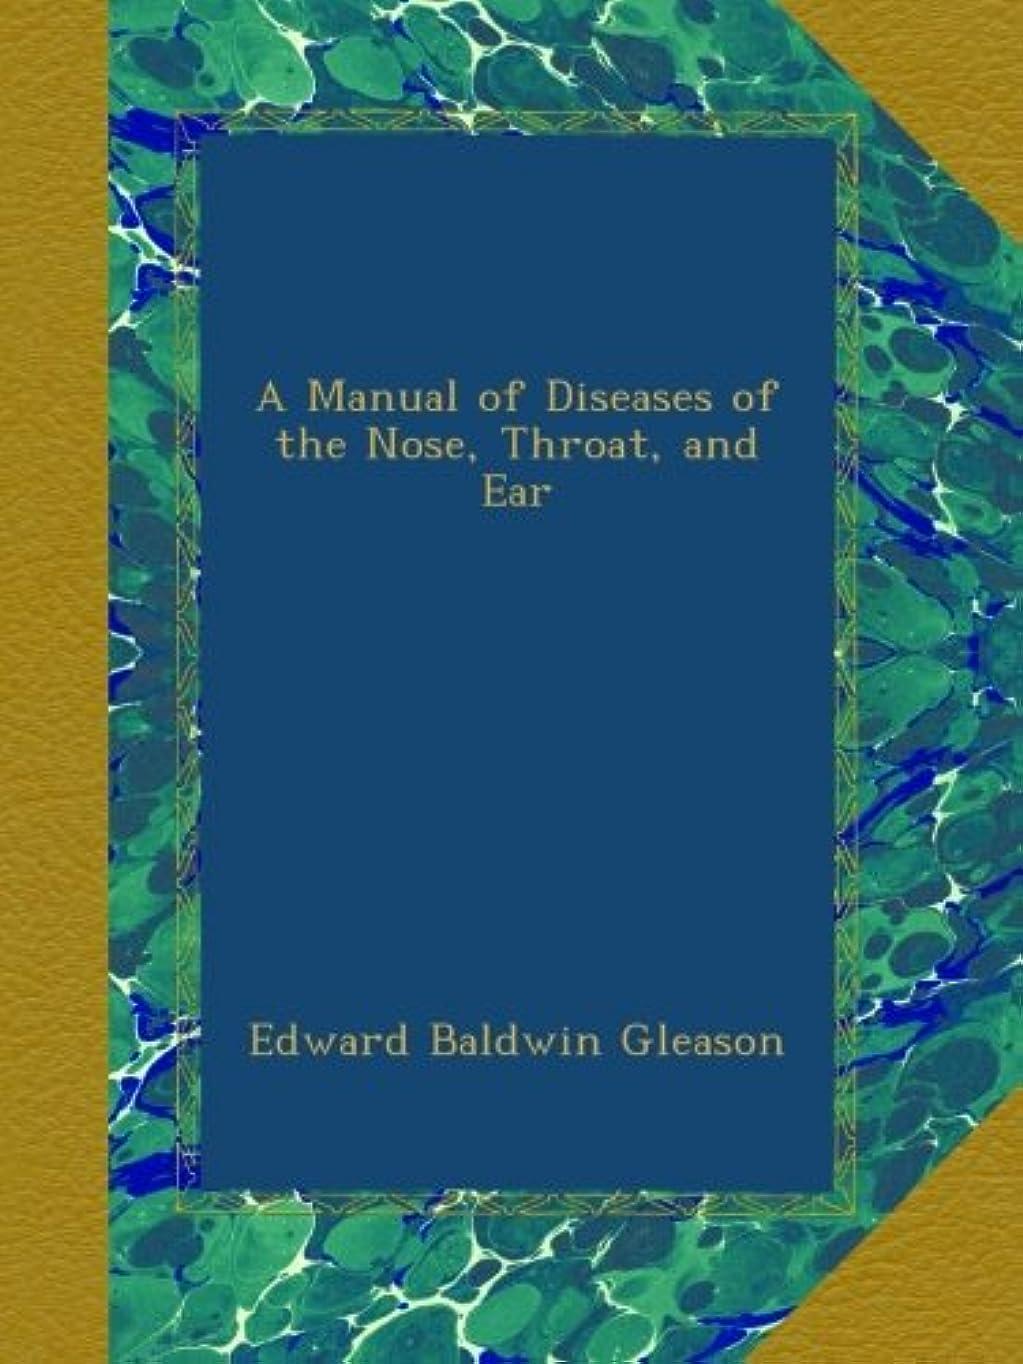 司法教義アカウントA Manual of Diseases of the Nose, Throat, and Ear